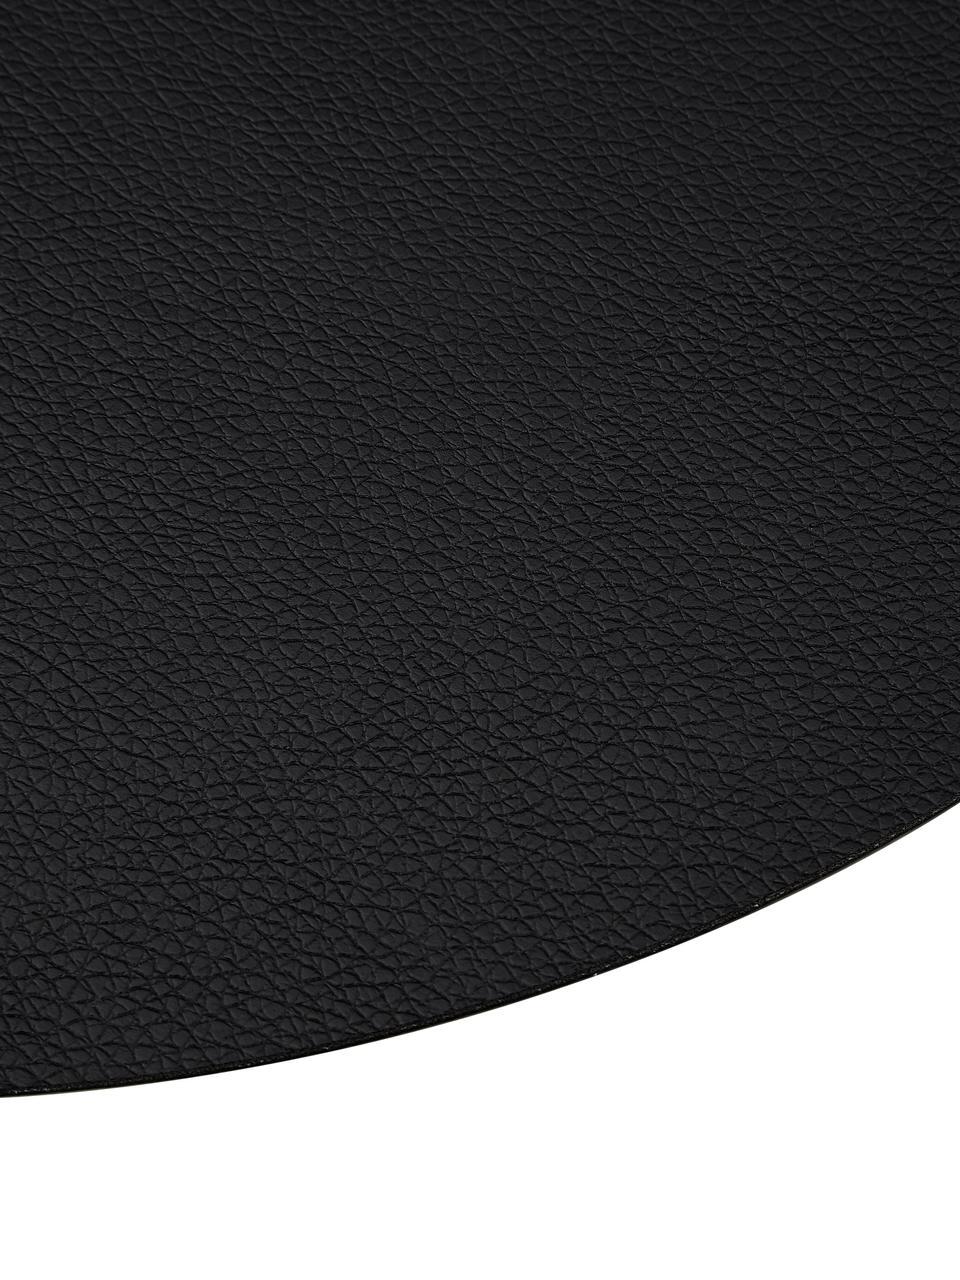 Tovaglietta americana rotonda in similpelle Pik 2 pz, Materiale sintetico (PVC), Nero, Ø 38 cm